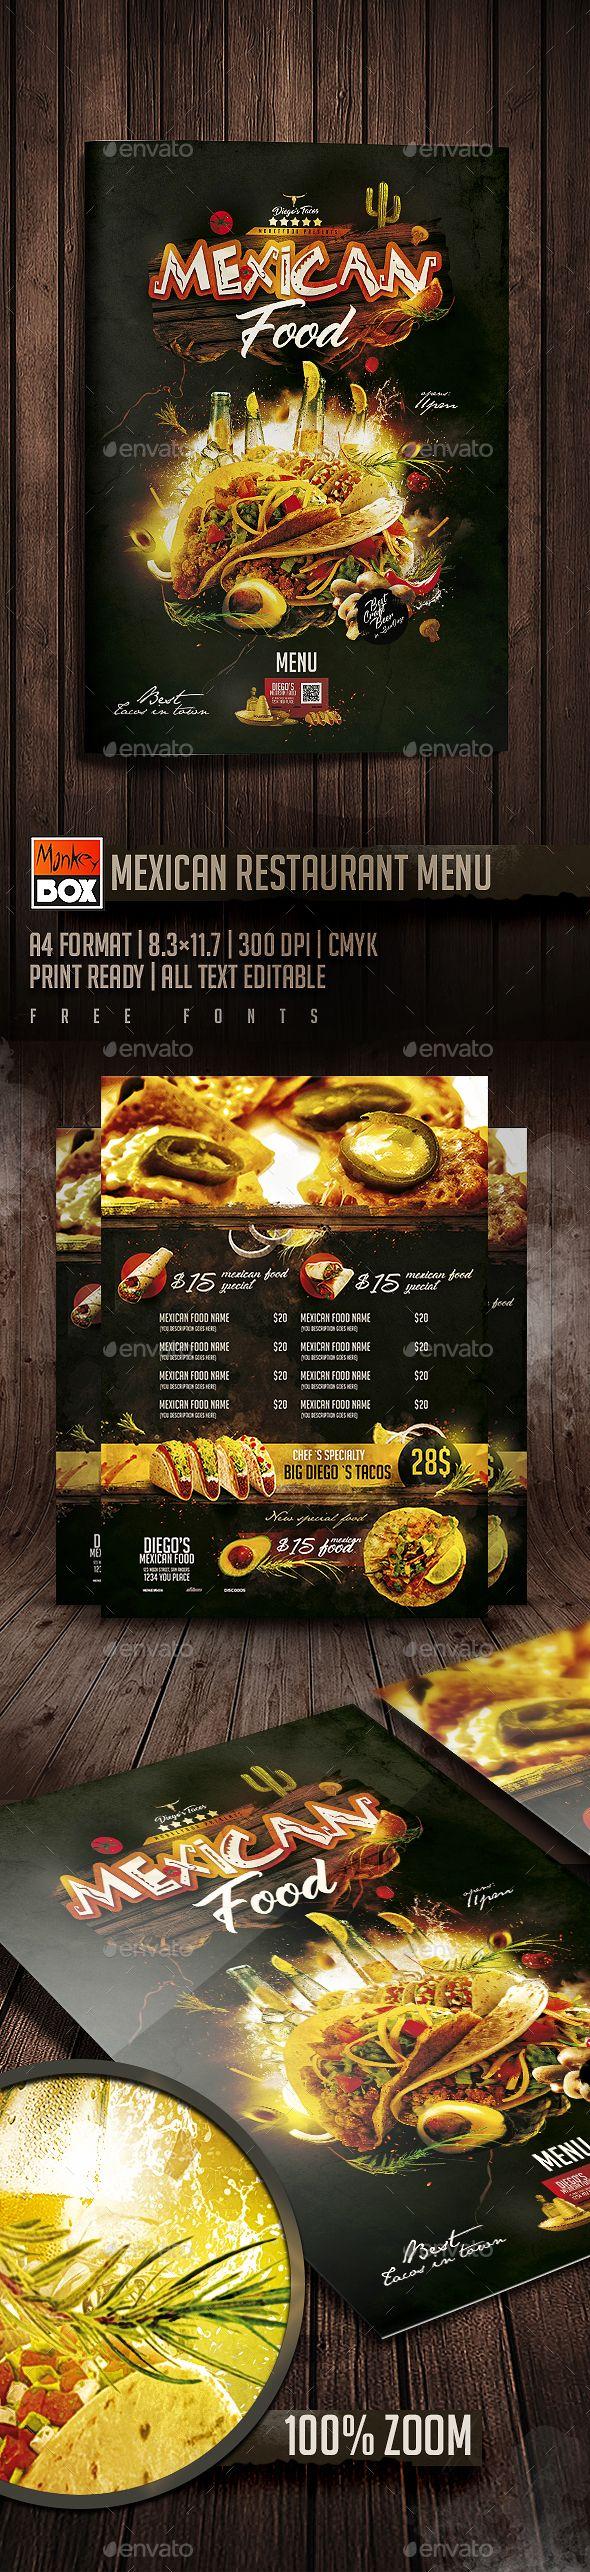 Mexican #Restaurant #Menu - #Food Menus Print Templates Download here: https://graphicriver.net/item/mexican-restaurant-menu/19727877?ref=alena994